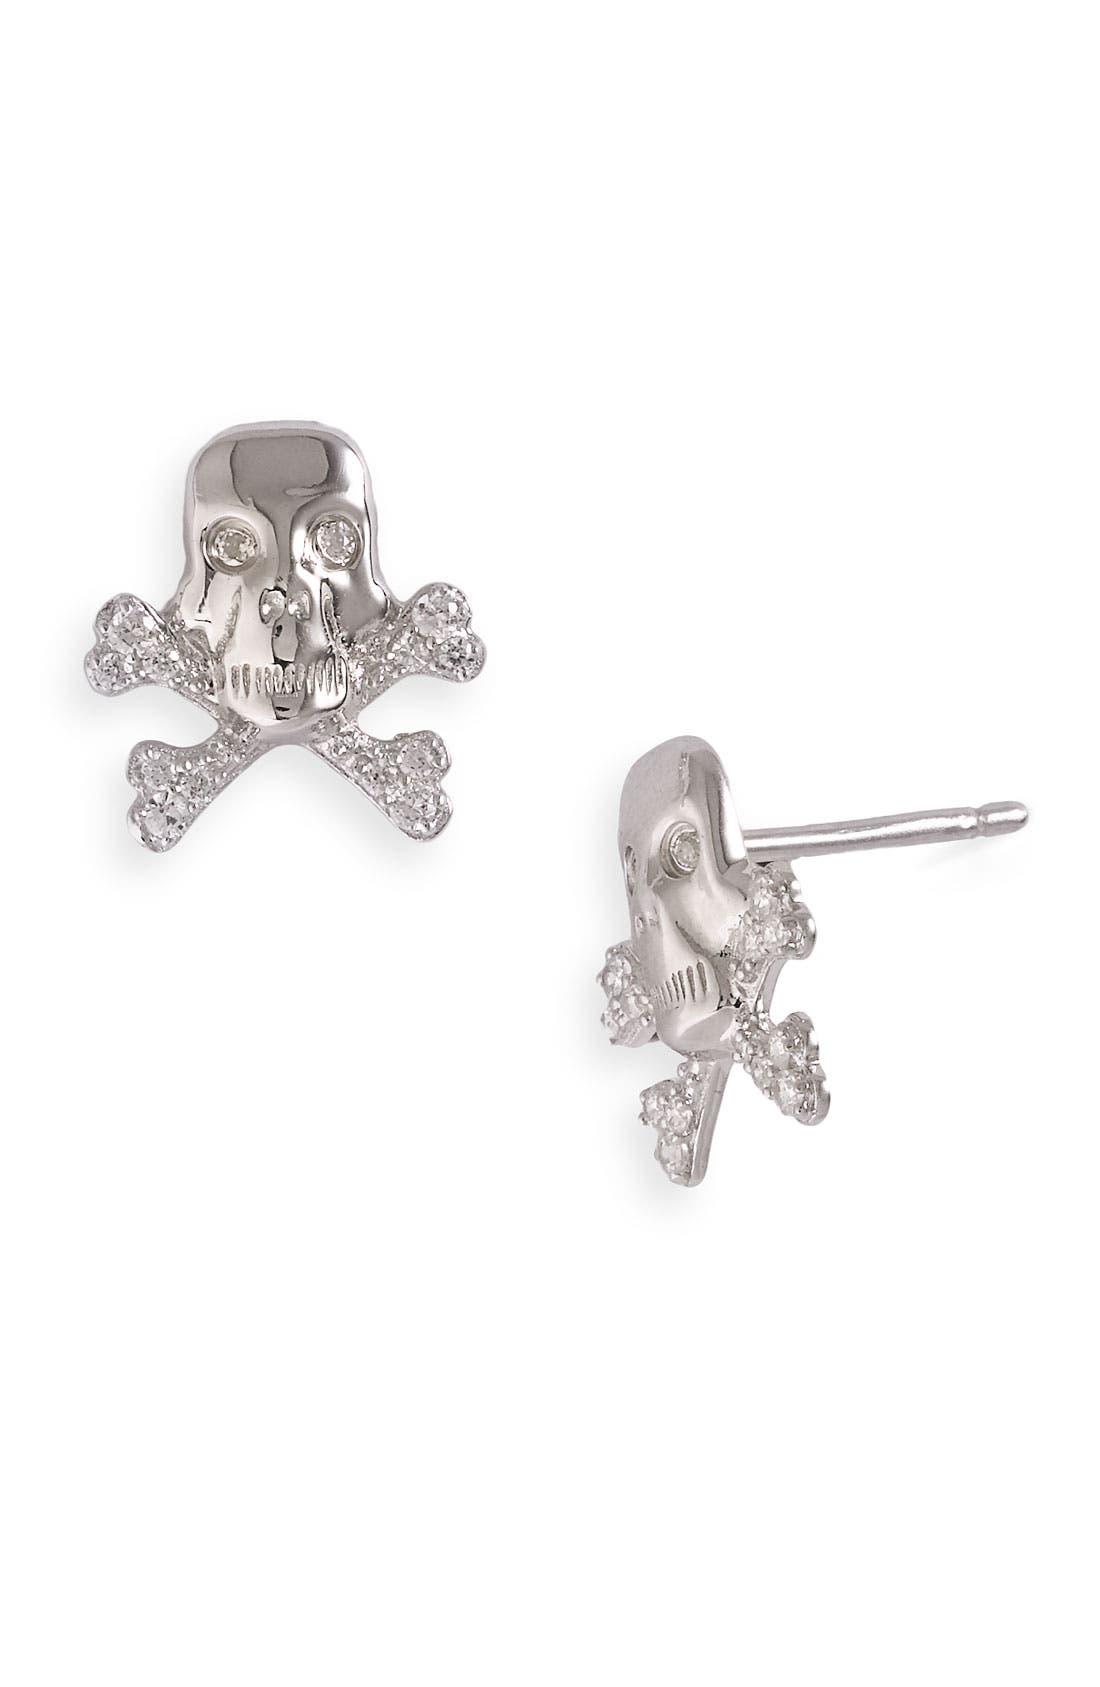 Alternate Image 1 Selected - Tom Binns 'Bejewelled Charm Offensive' Skull Stud Earrings